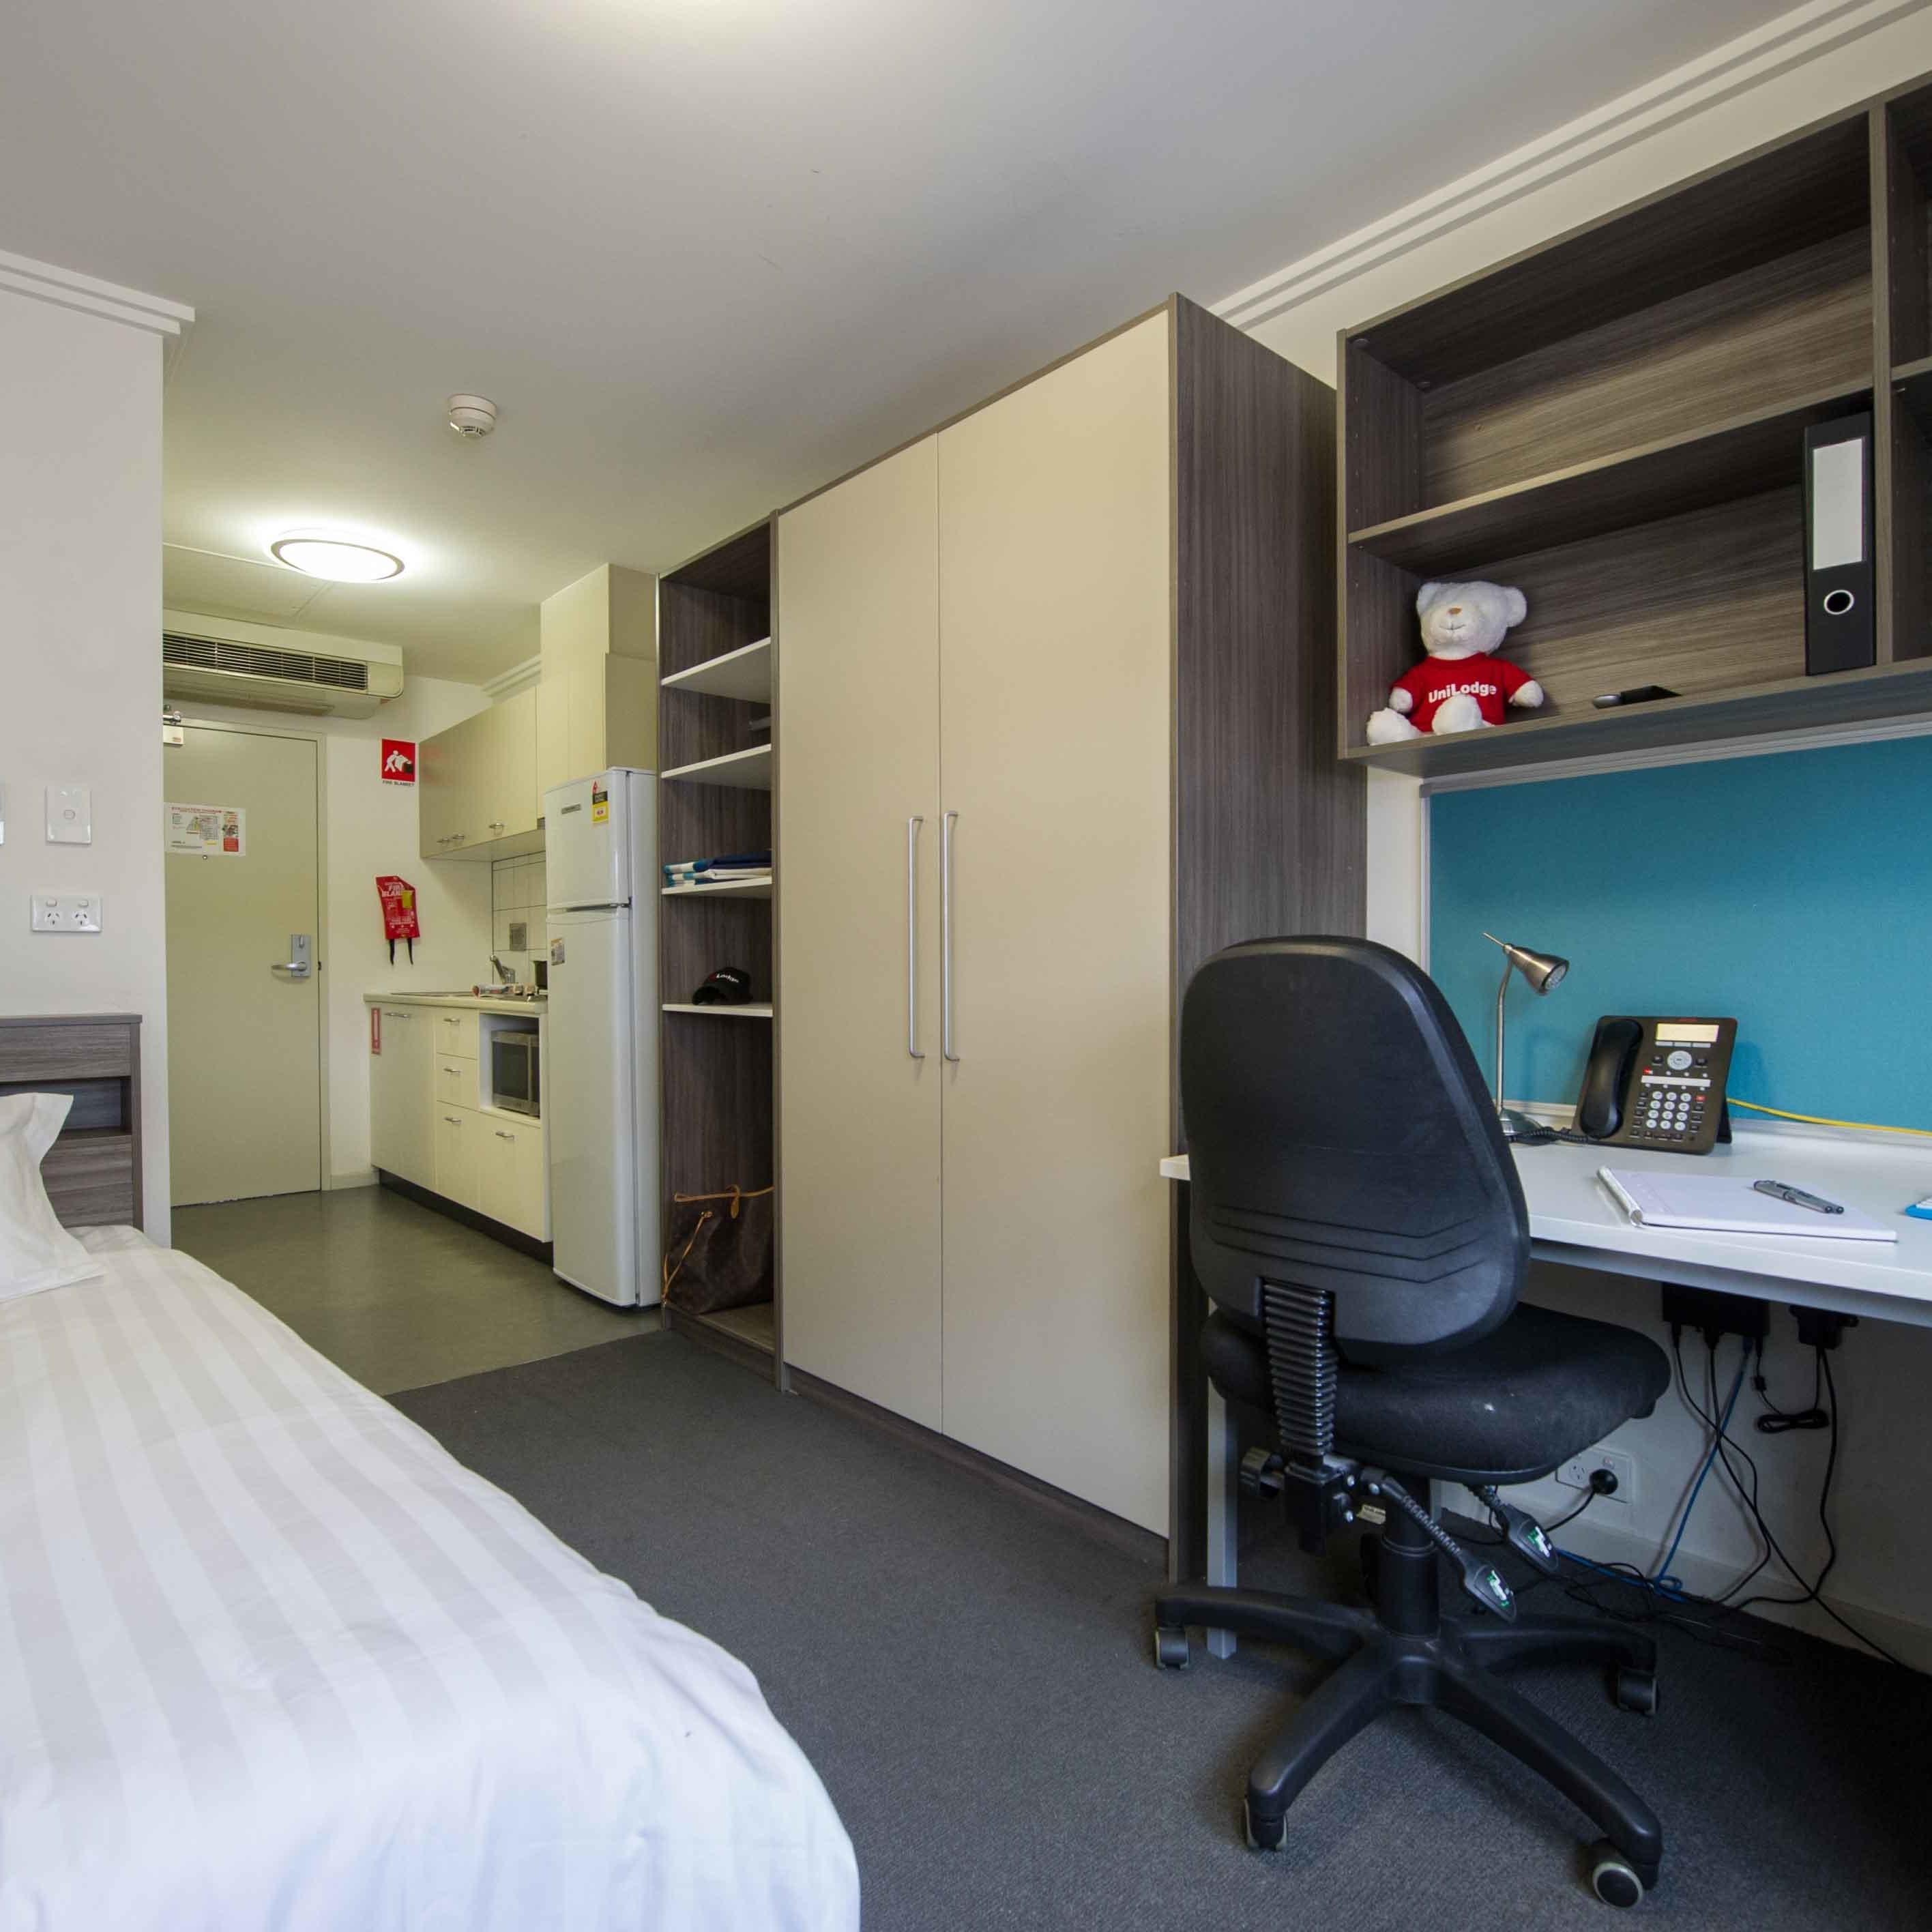 UniLodge @ ANU Warrambul Lodge Studio Apartment